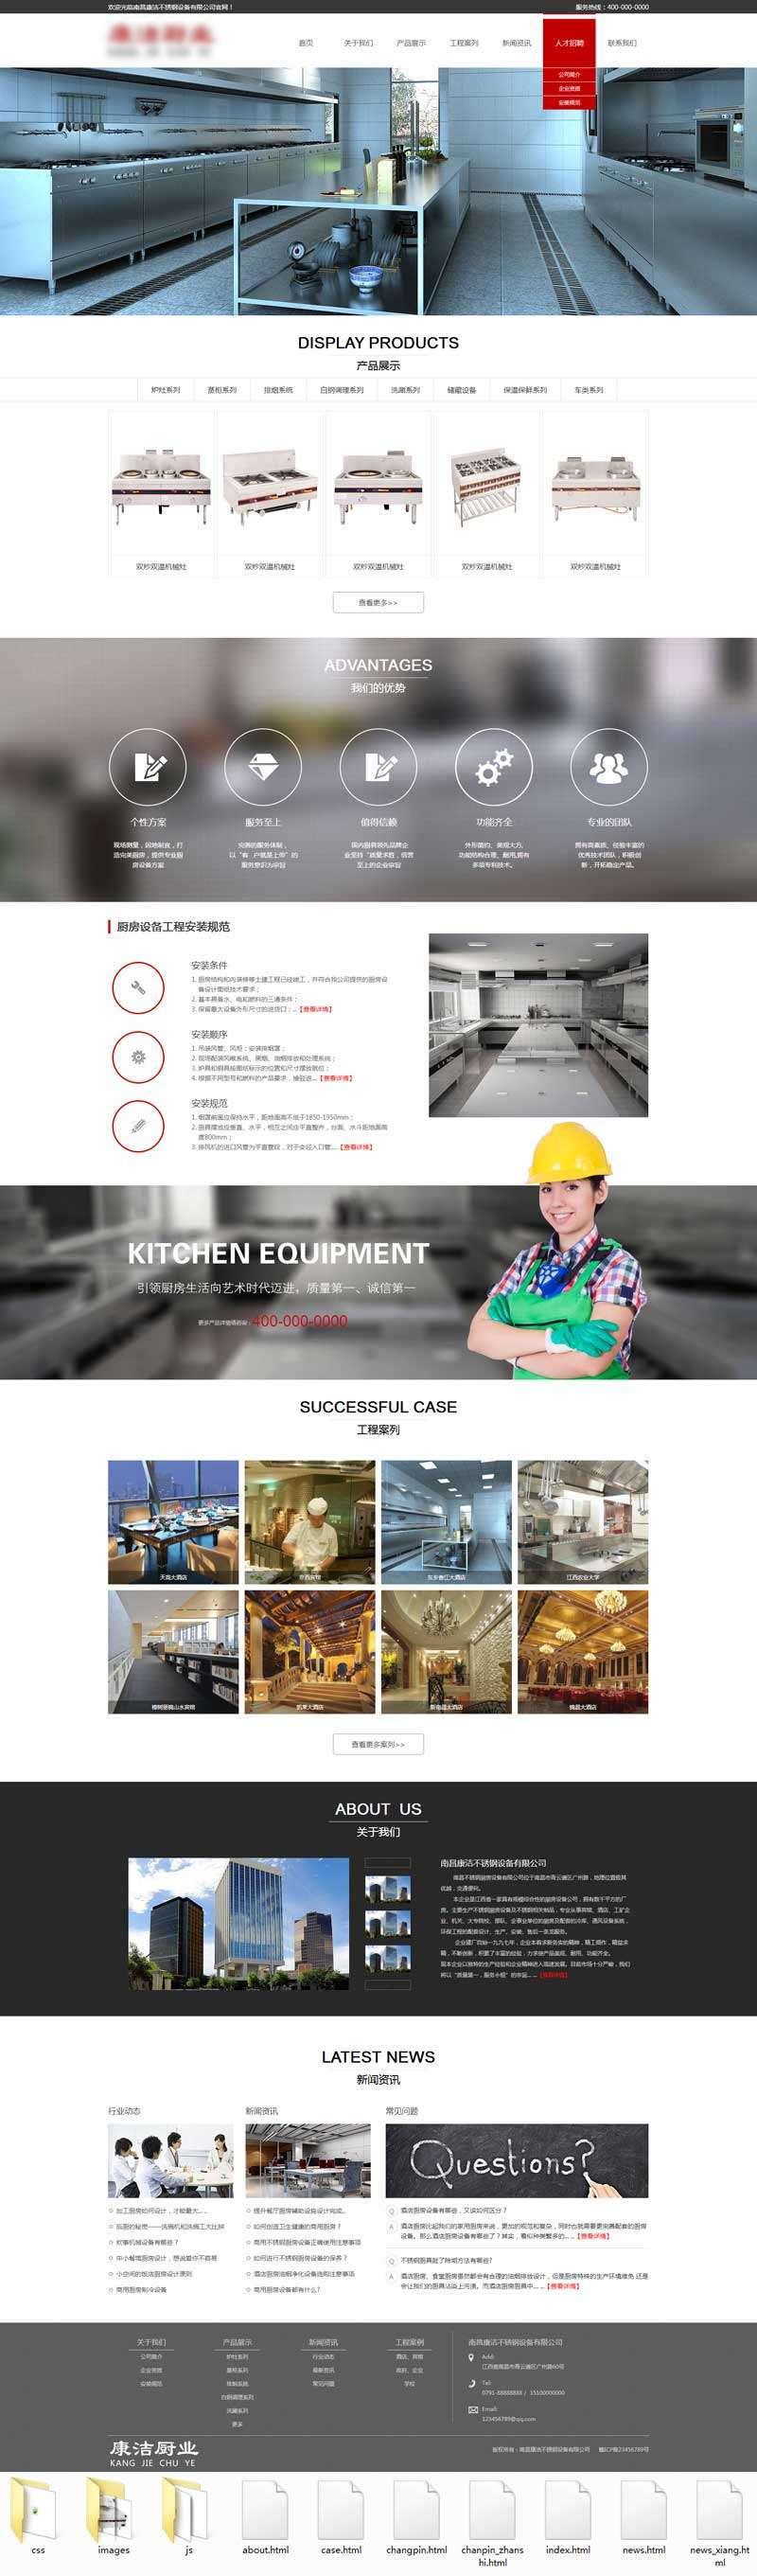 红色的厨房厨卫设备公司官网模板